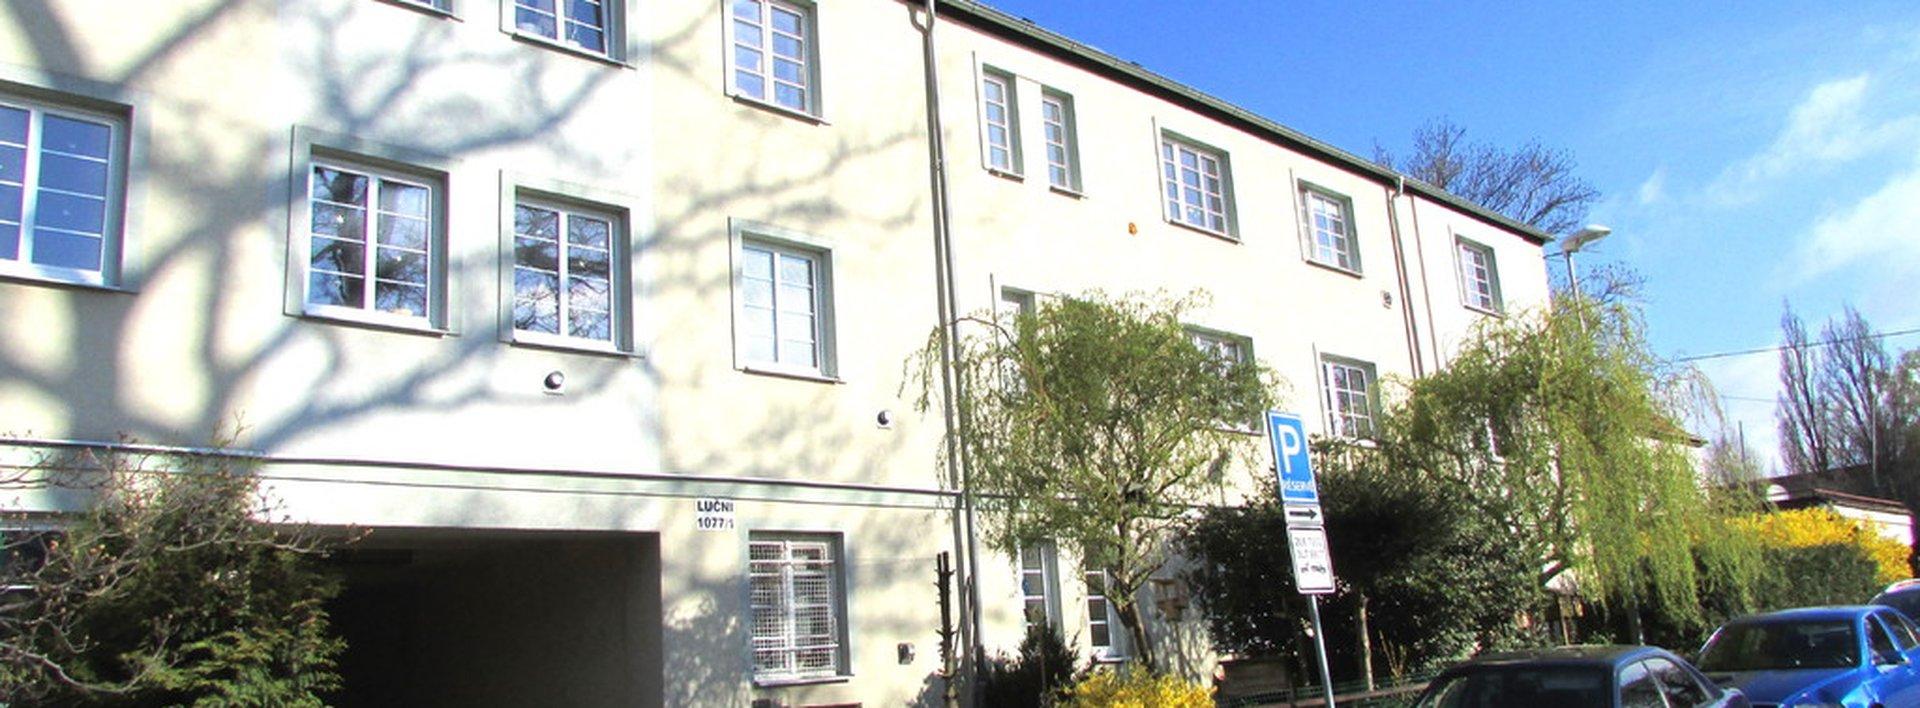 Prodej bytu 2+kk, 54 m² v OV - Liberec, Staré Město, ul. Luční, Ev.č.: N47679